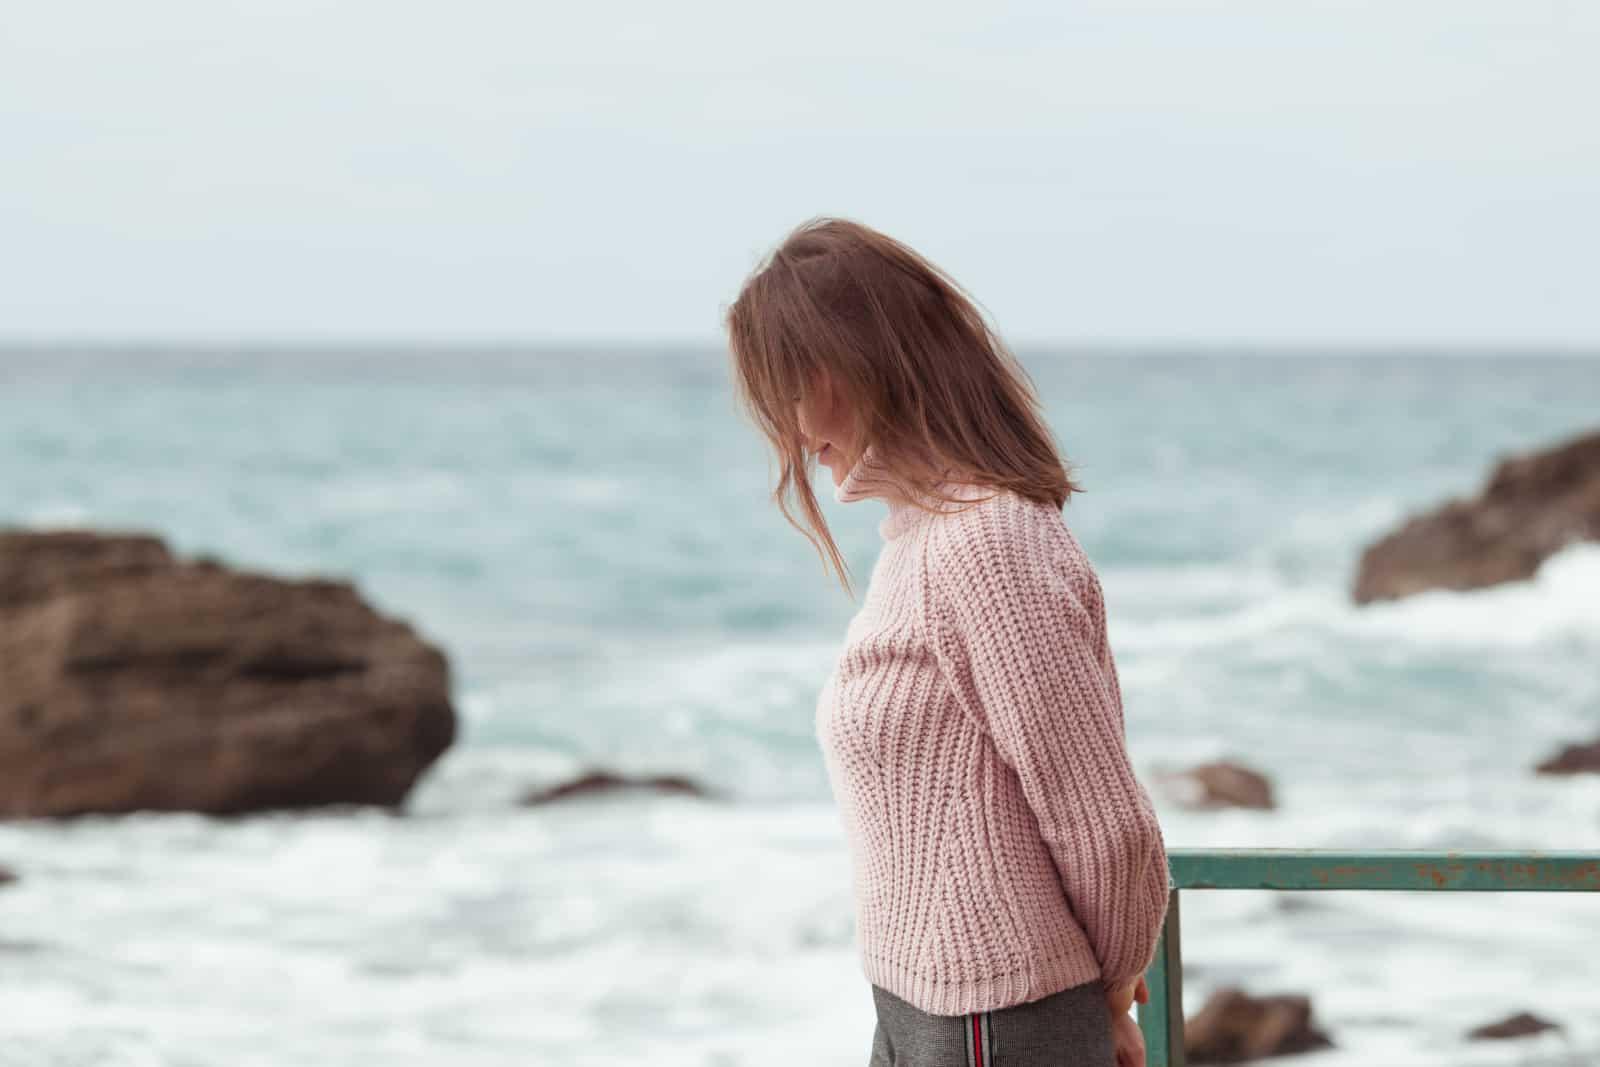 une femme marchant seule au bord de la mer